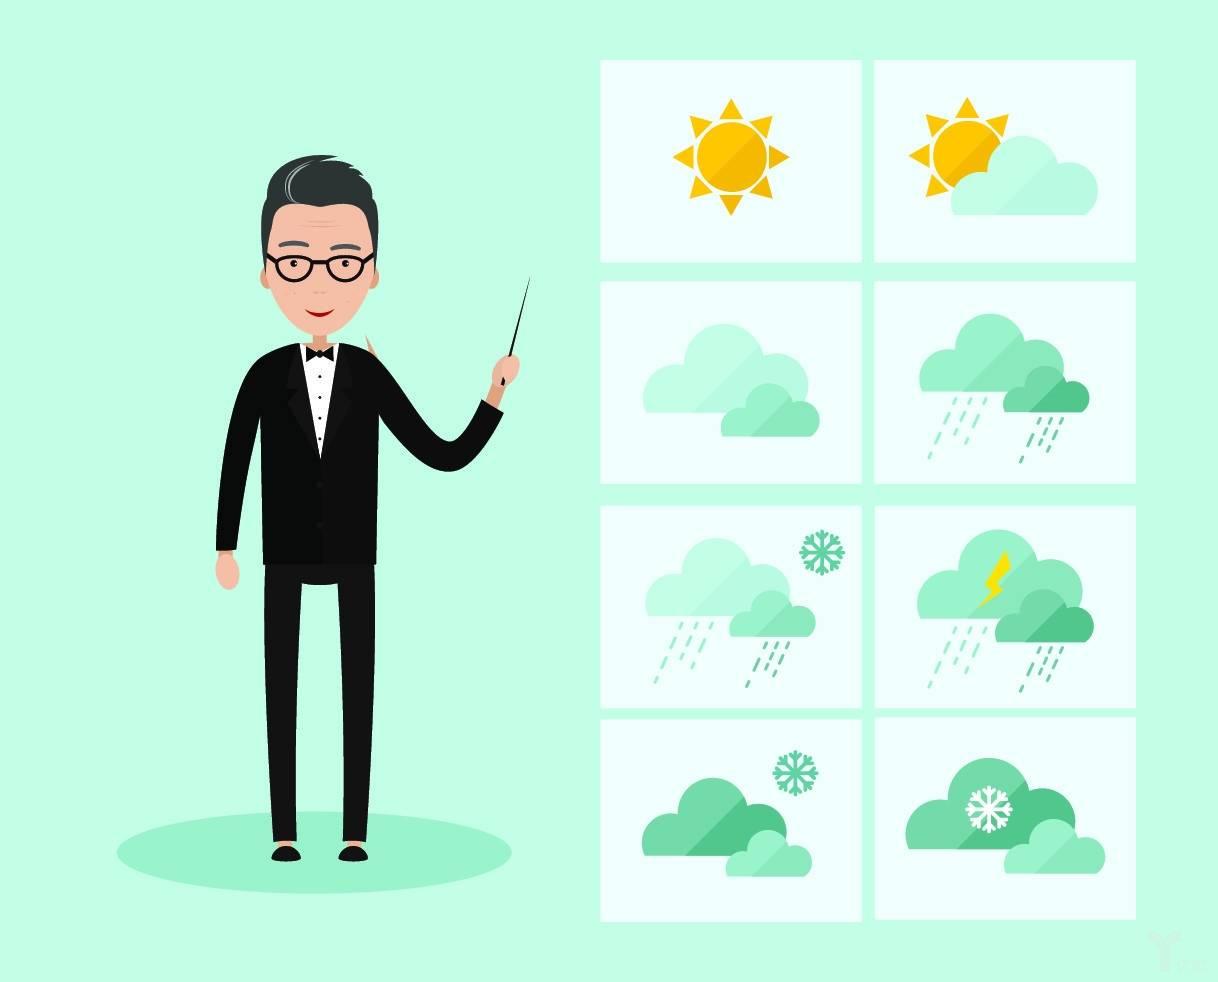 亿欧智库:天气预报吸引注意力